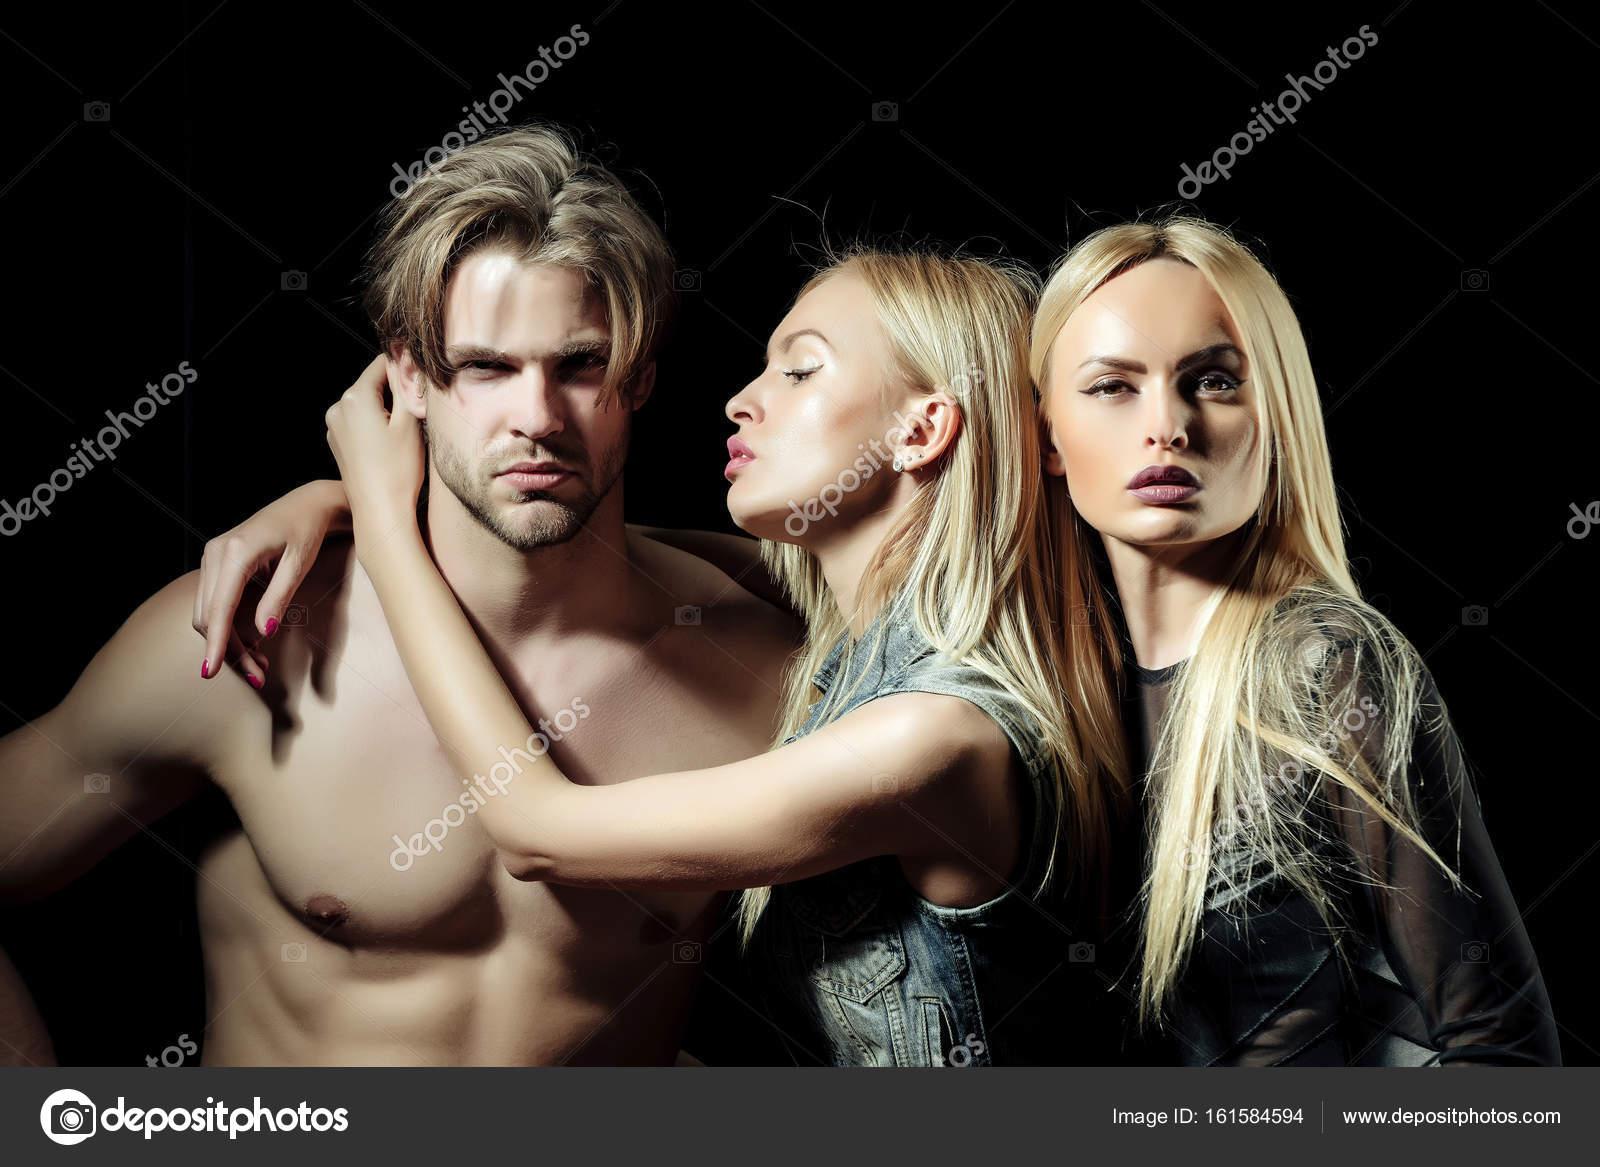 Предпочтения в сексе близнецы своевременно